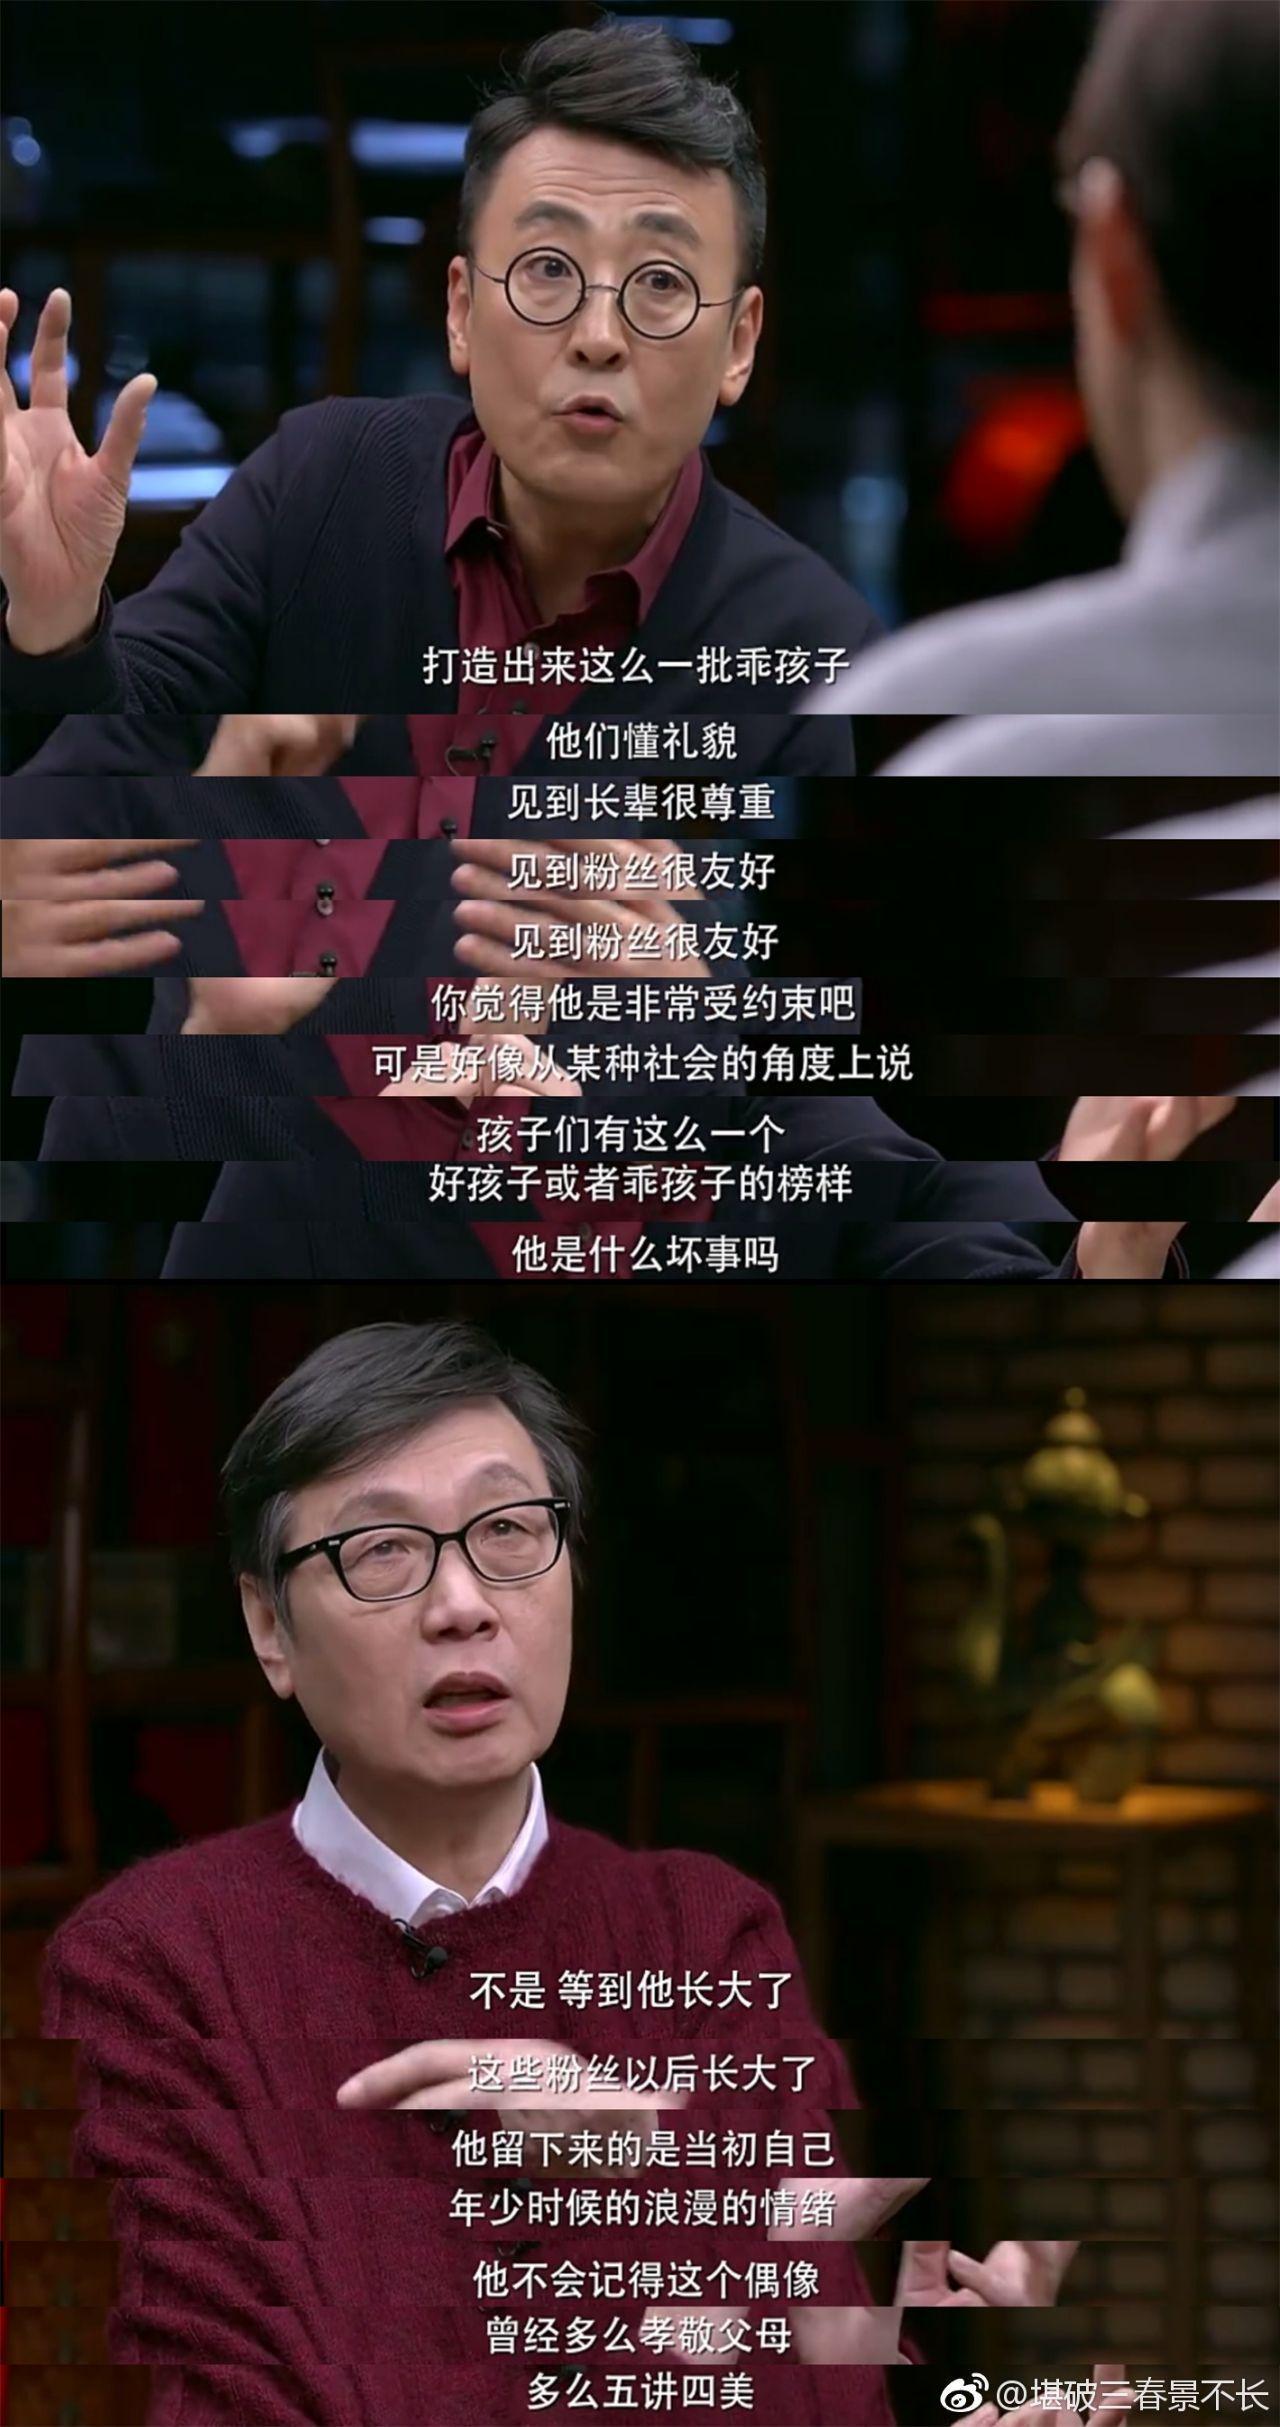 窦文涛圆桌派